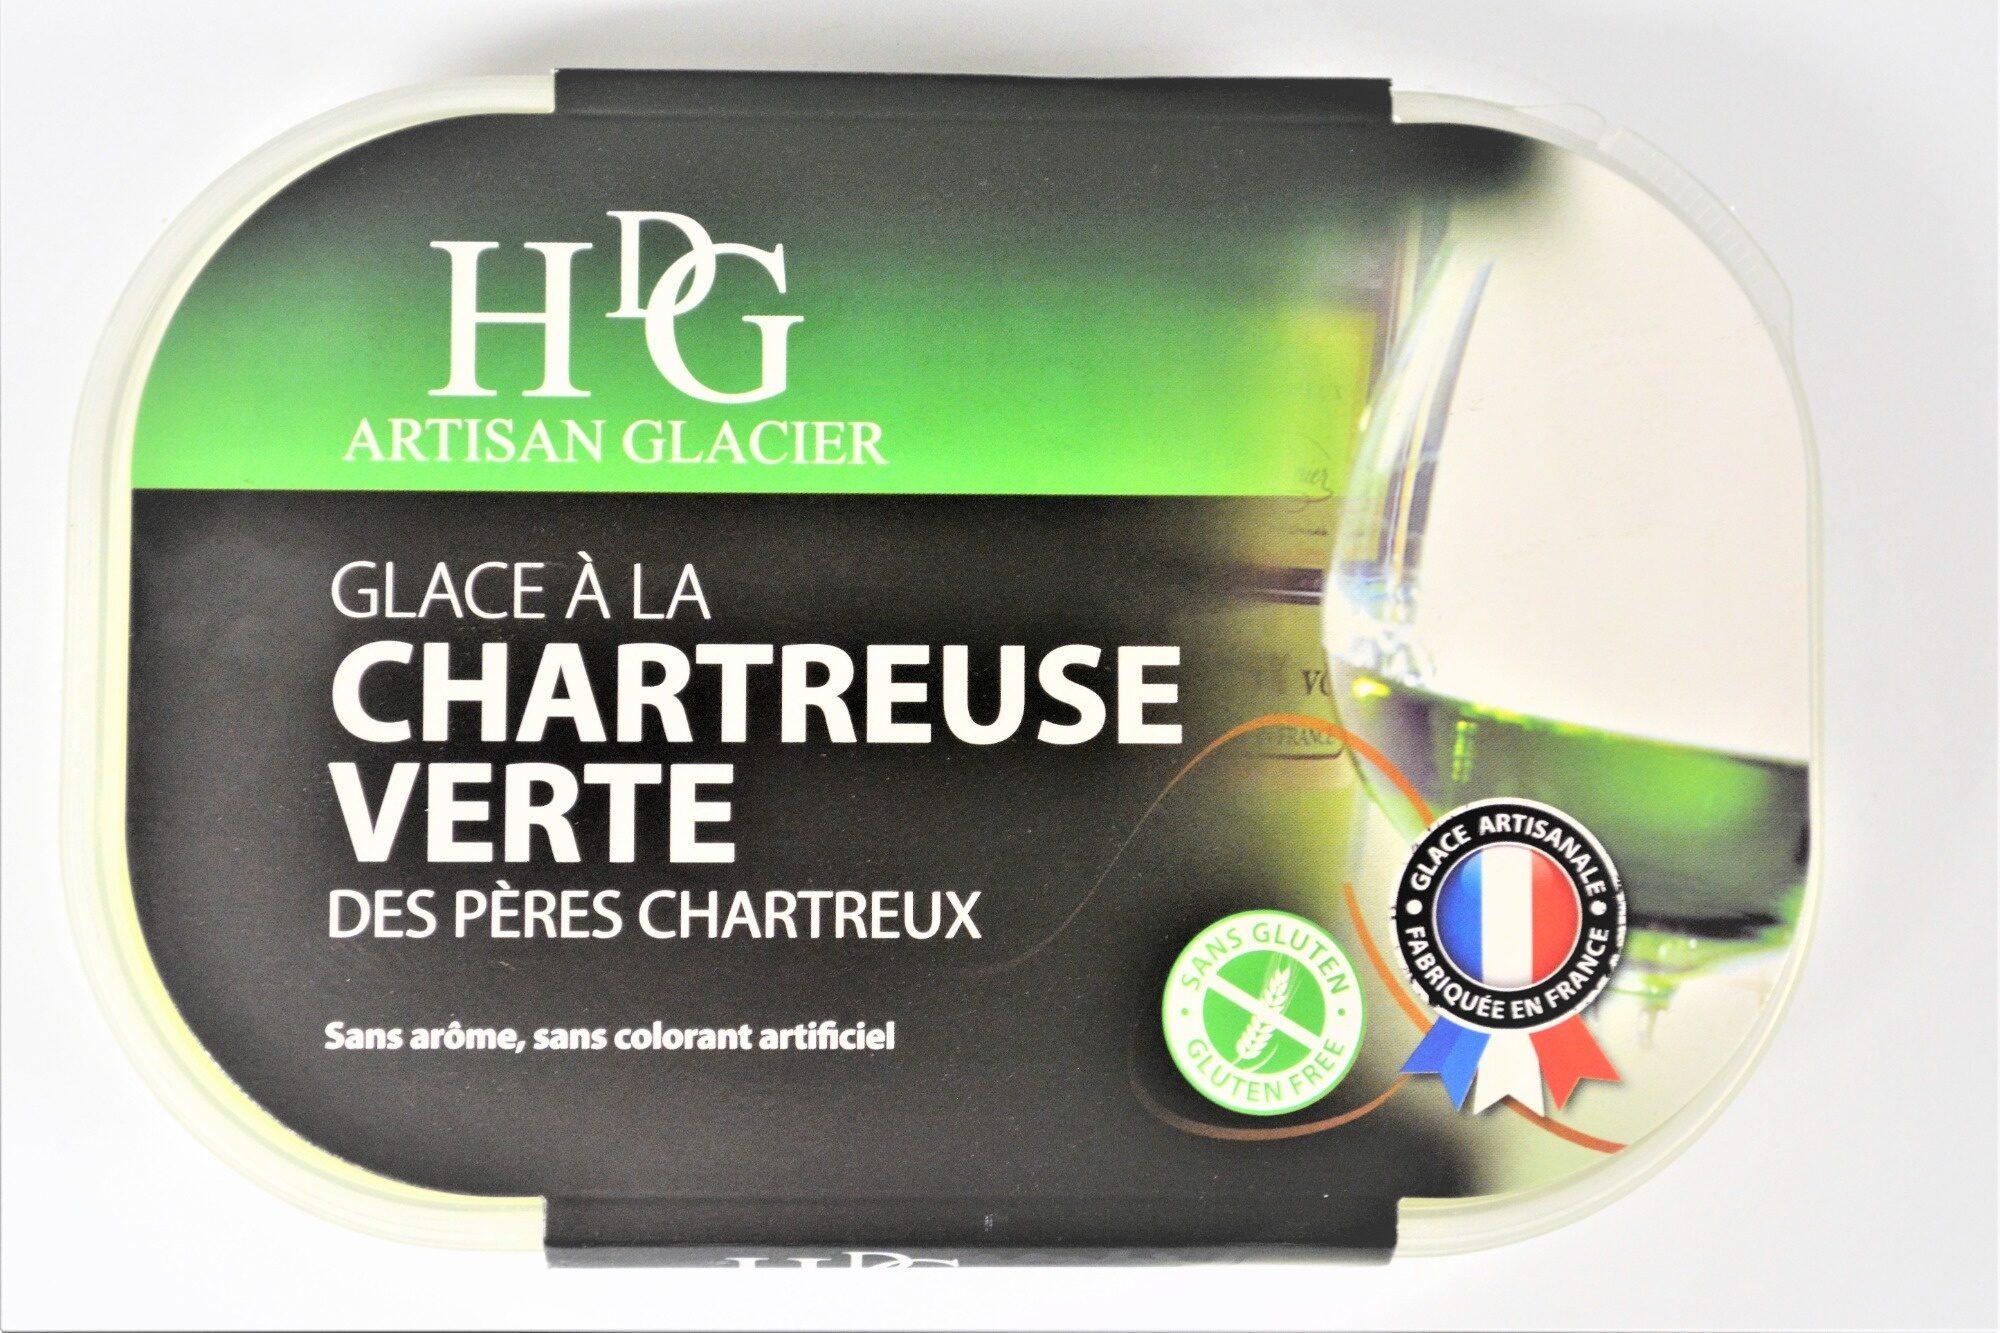 Glace à la CHARTREUSE VERTE, des Pères Chartreux - Product